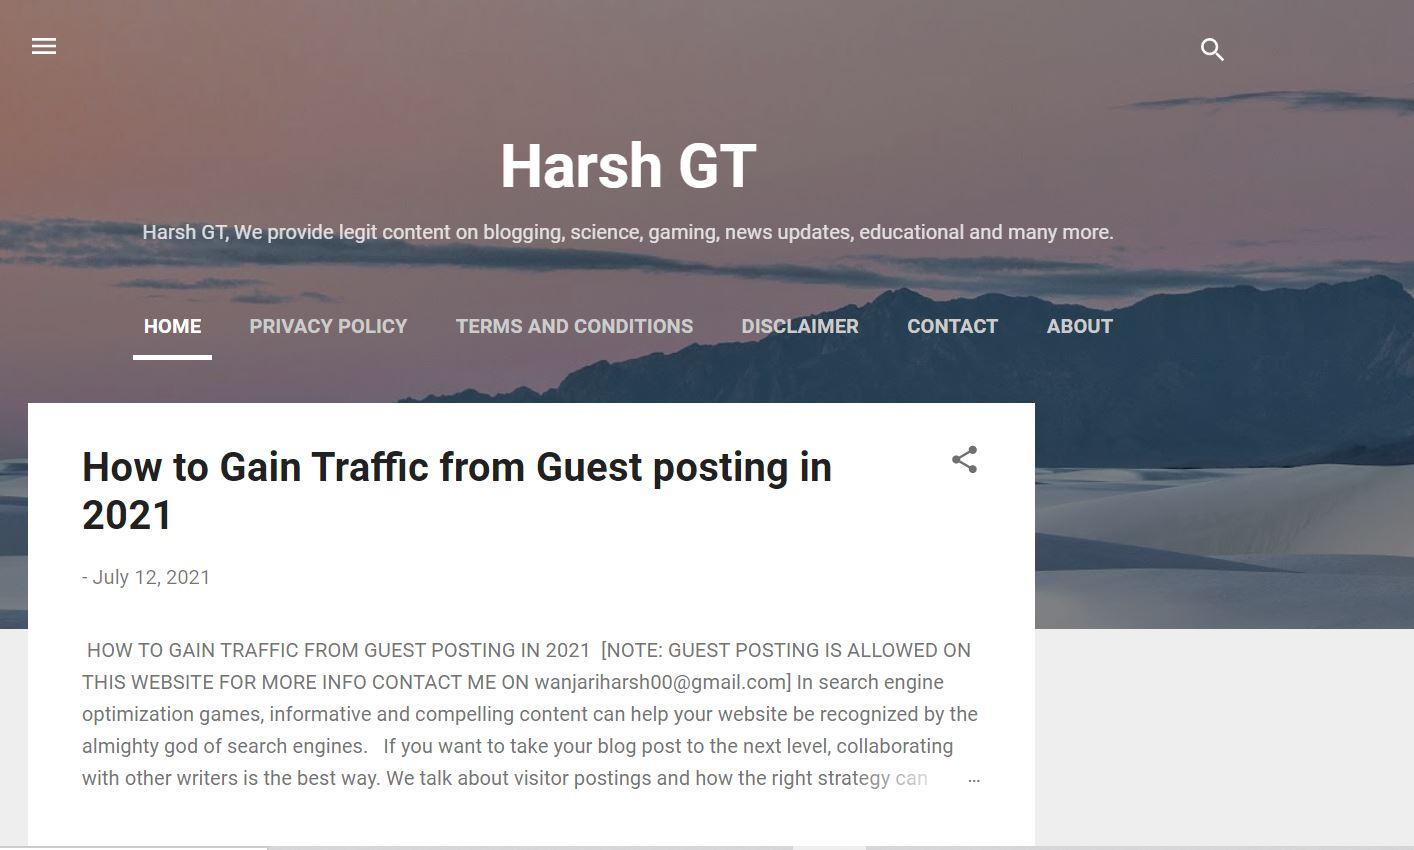 Harsh GT